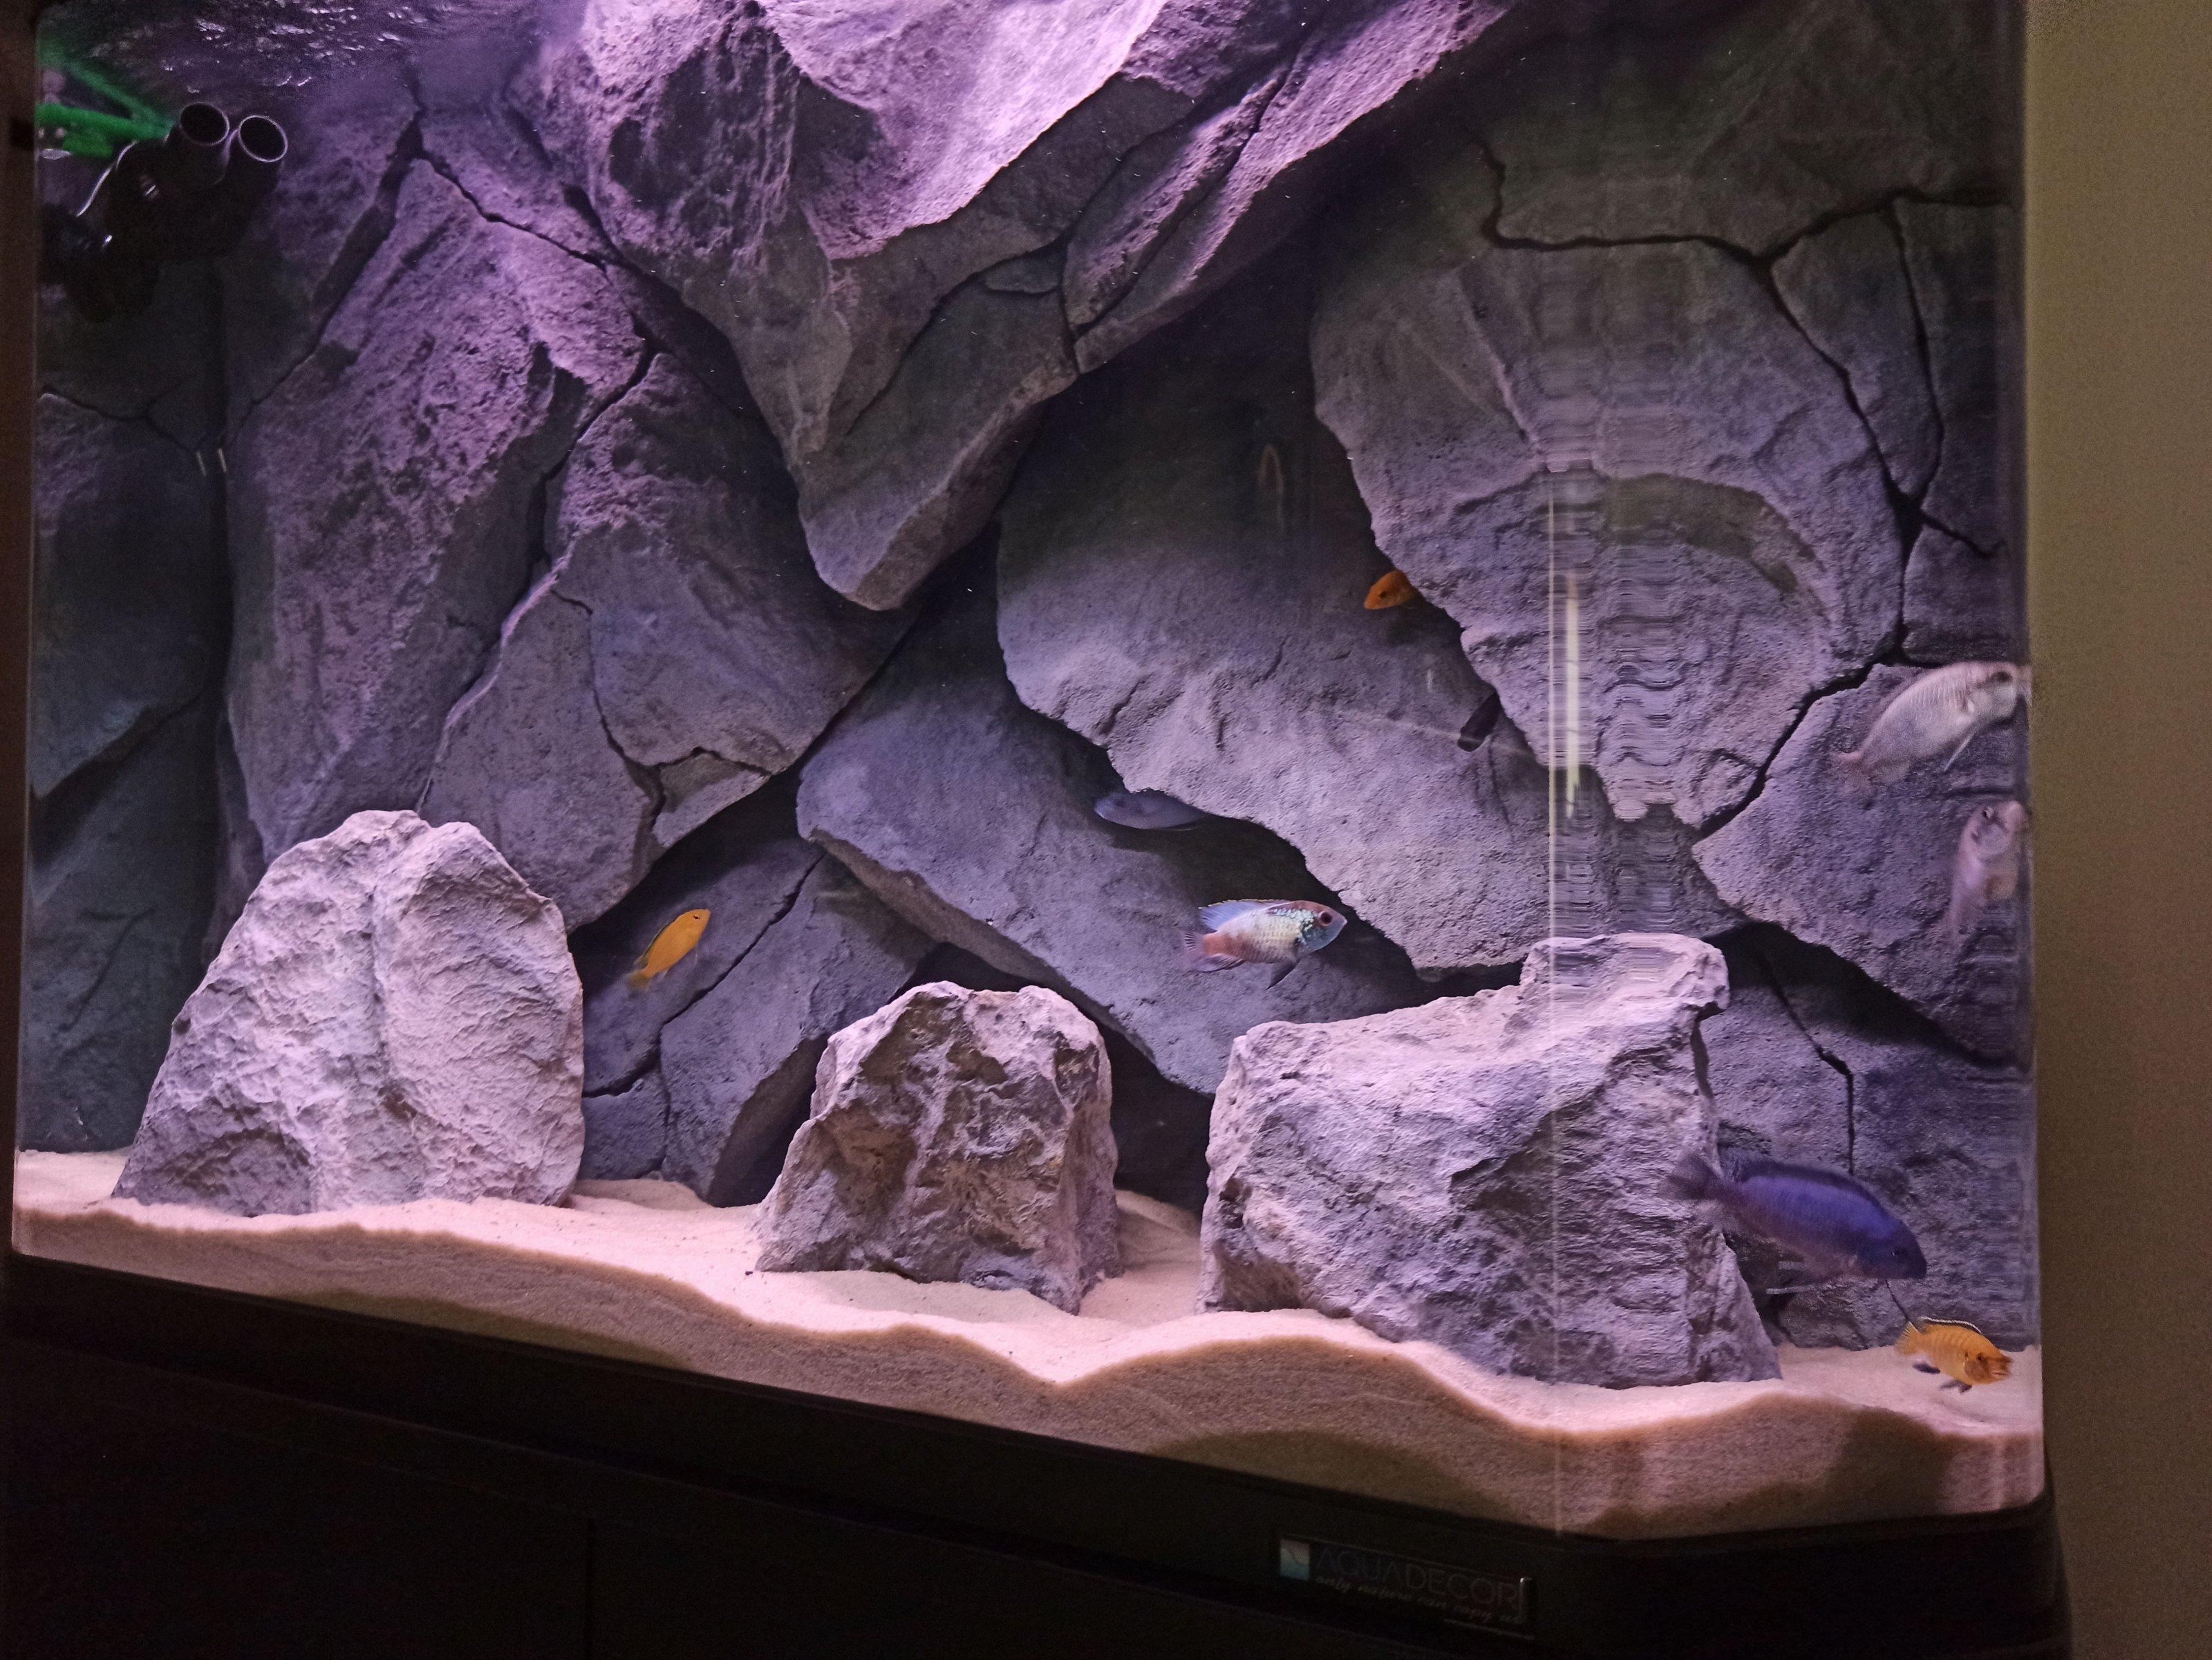 dimitris aquarium-4.jpg